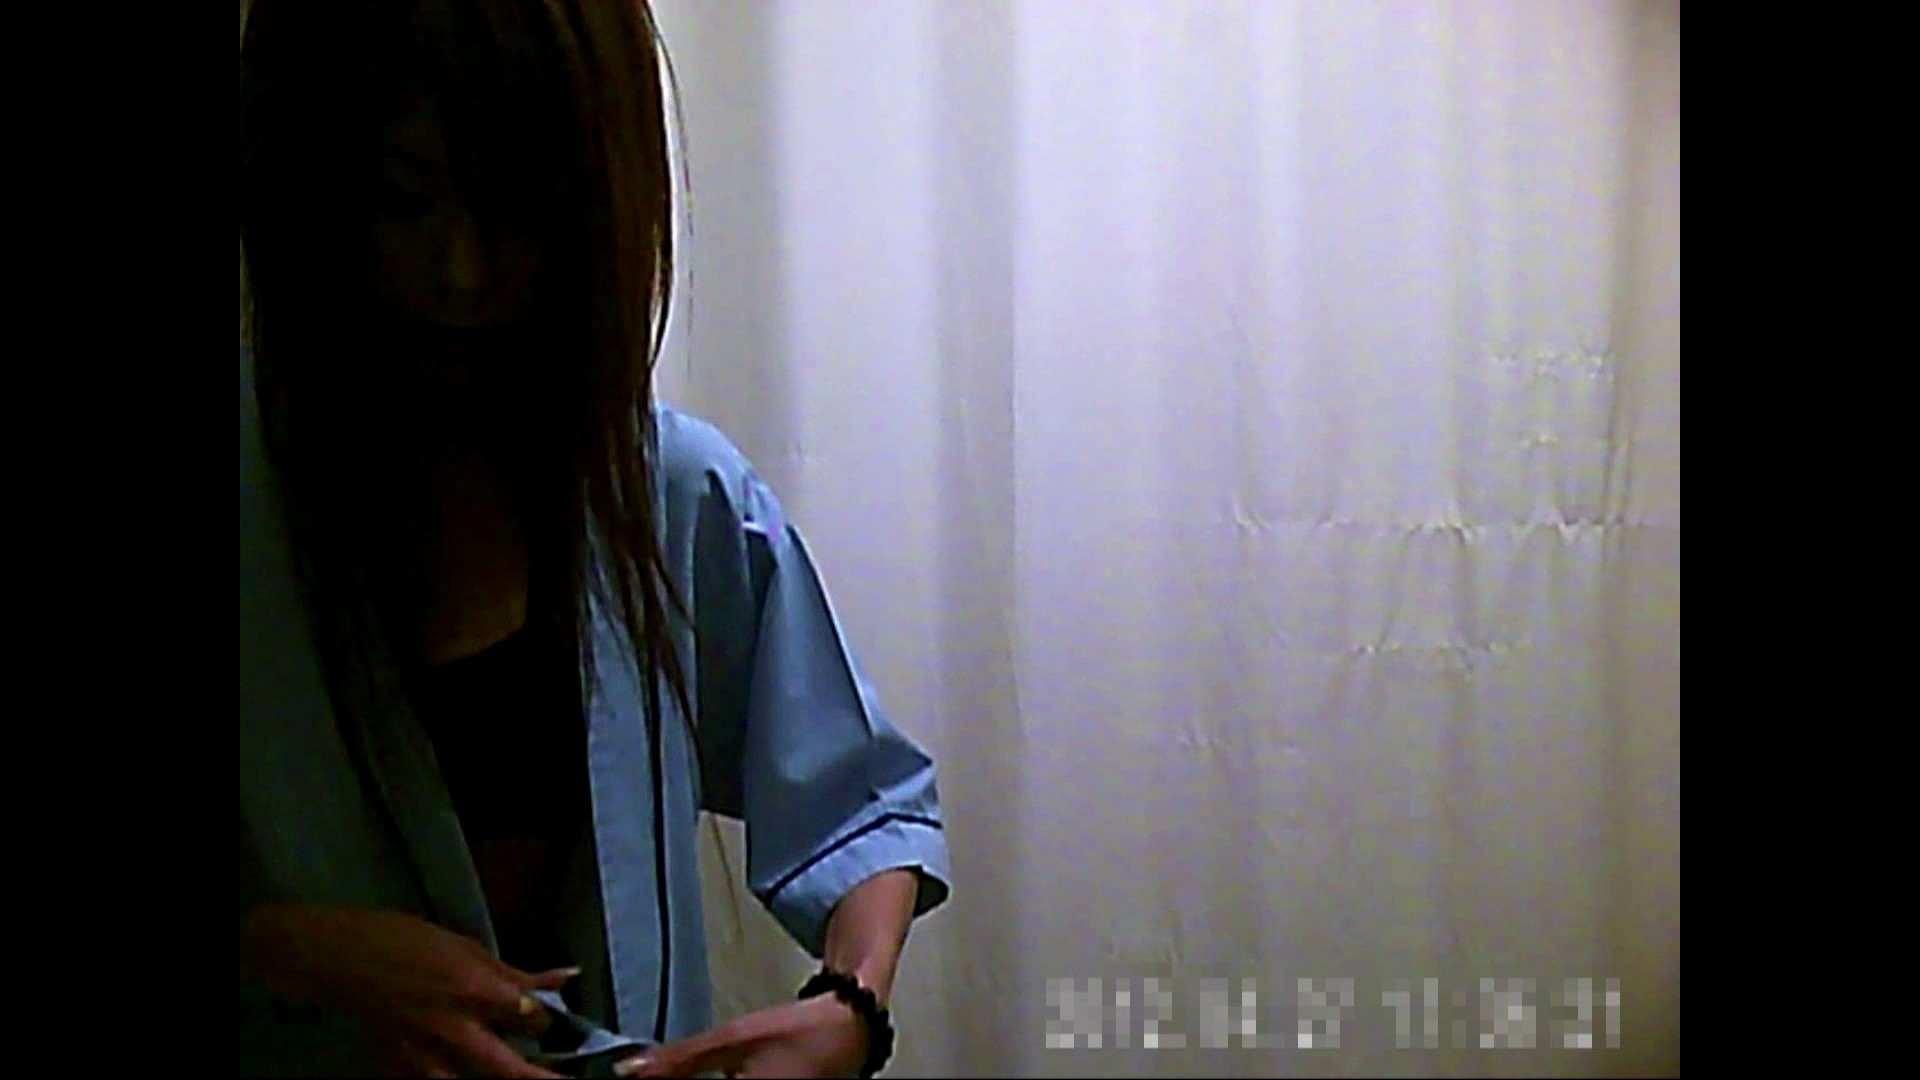 病院おもいっきり着替え! vol.290 盗撮 隠し撮りオマンコ動画紹介 39pic 31